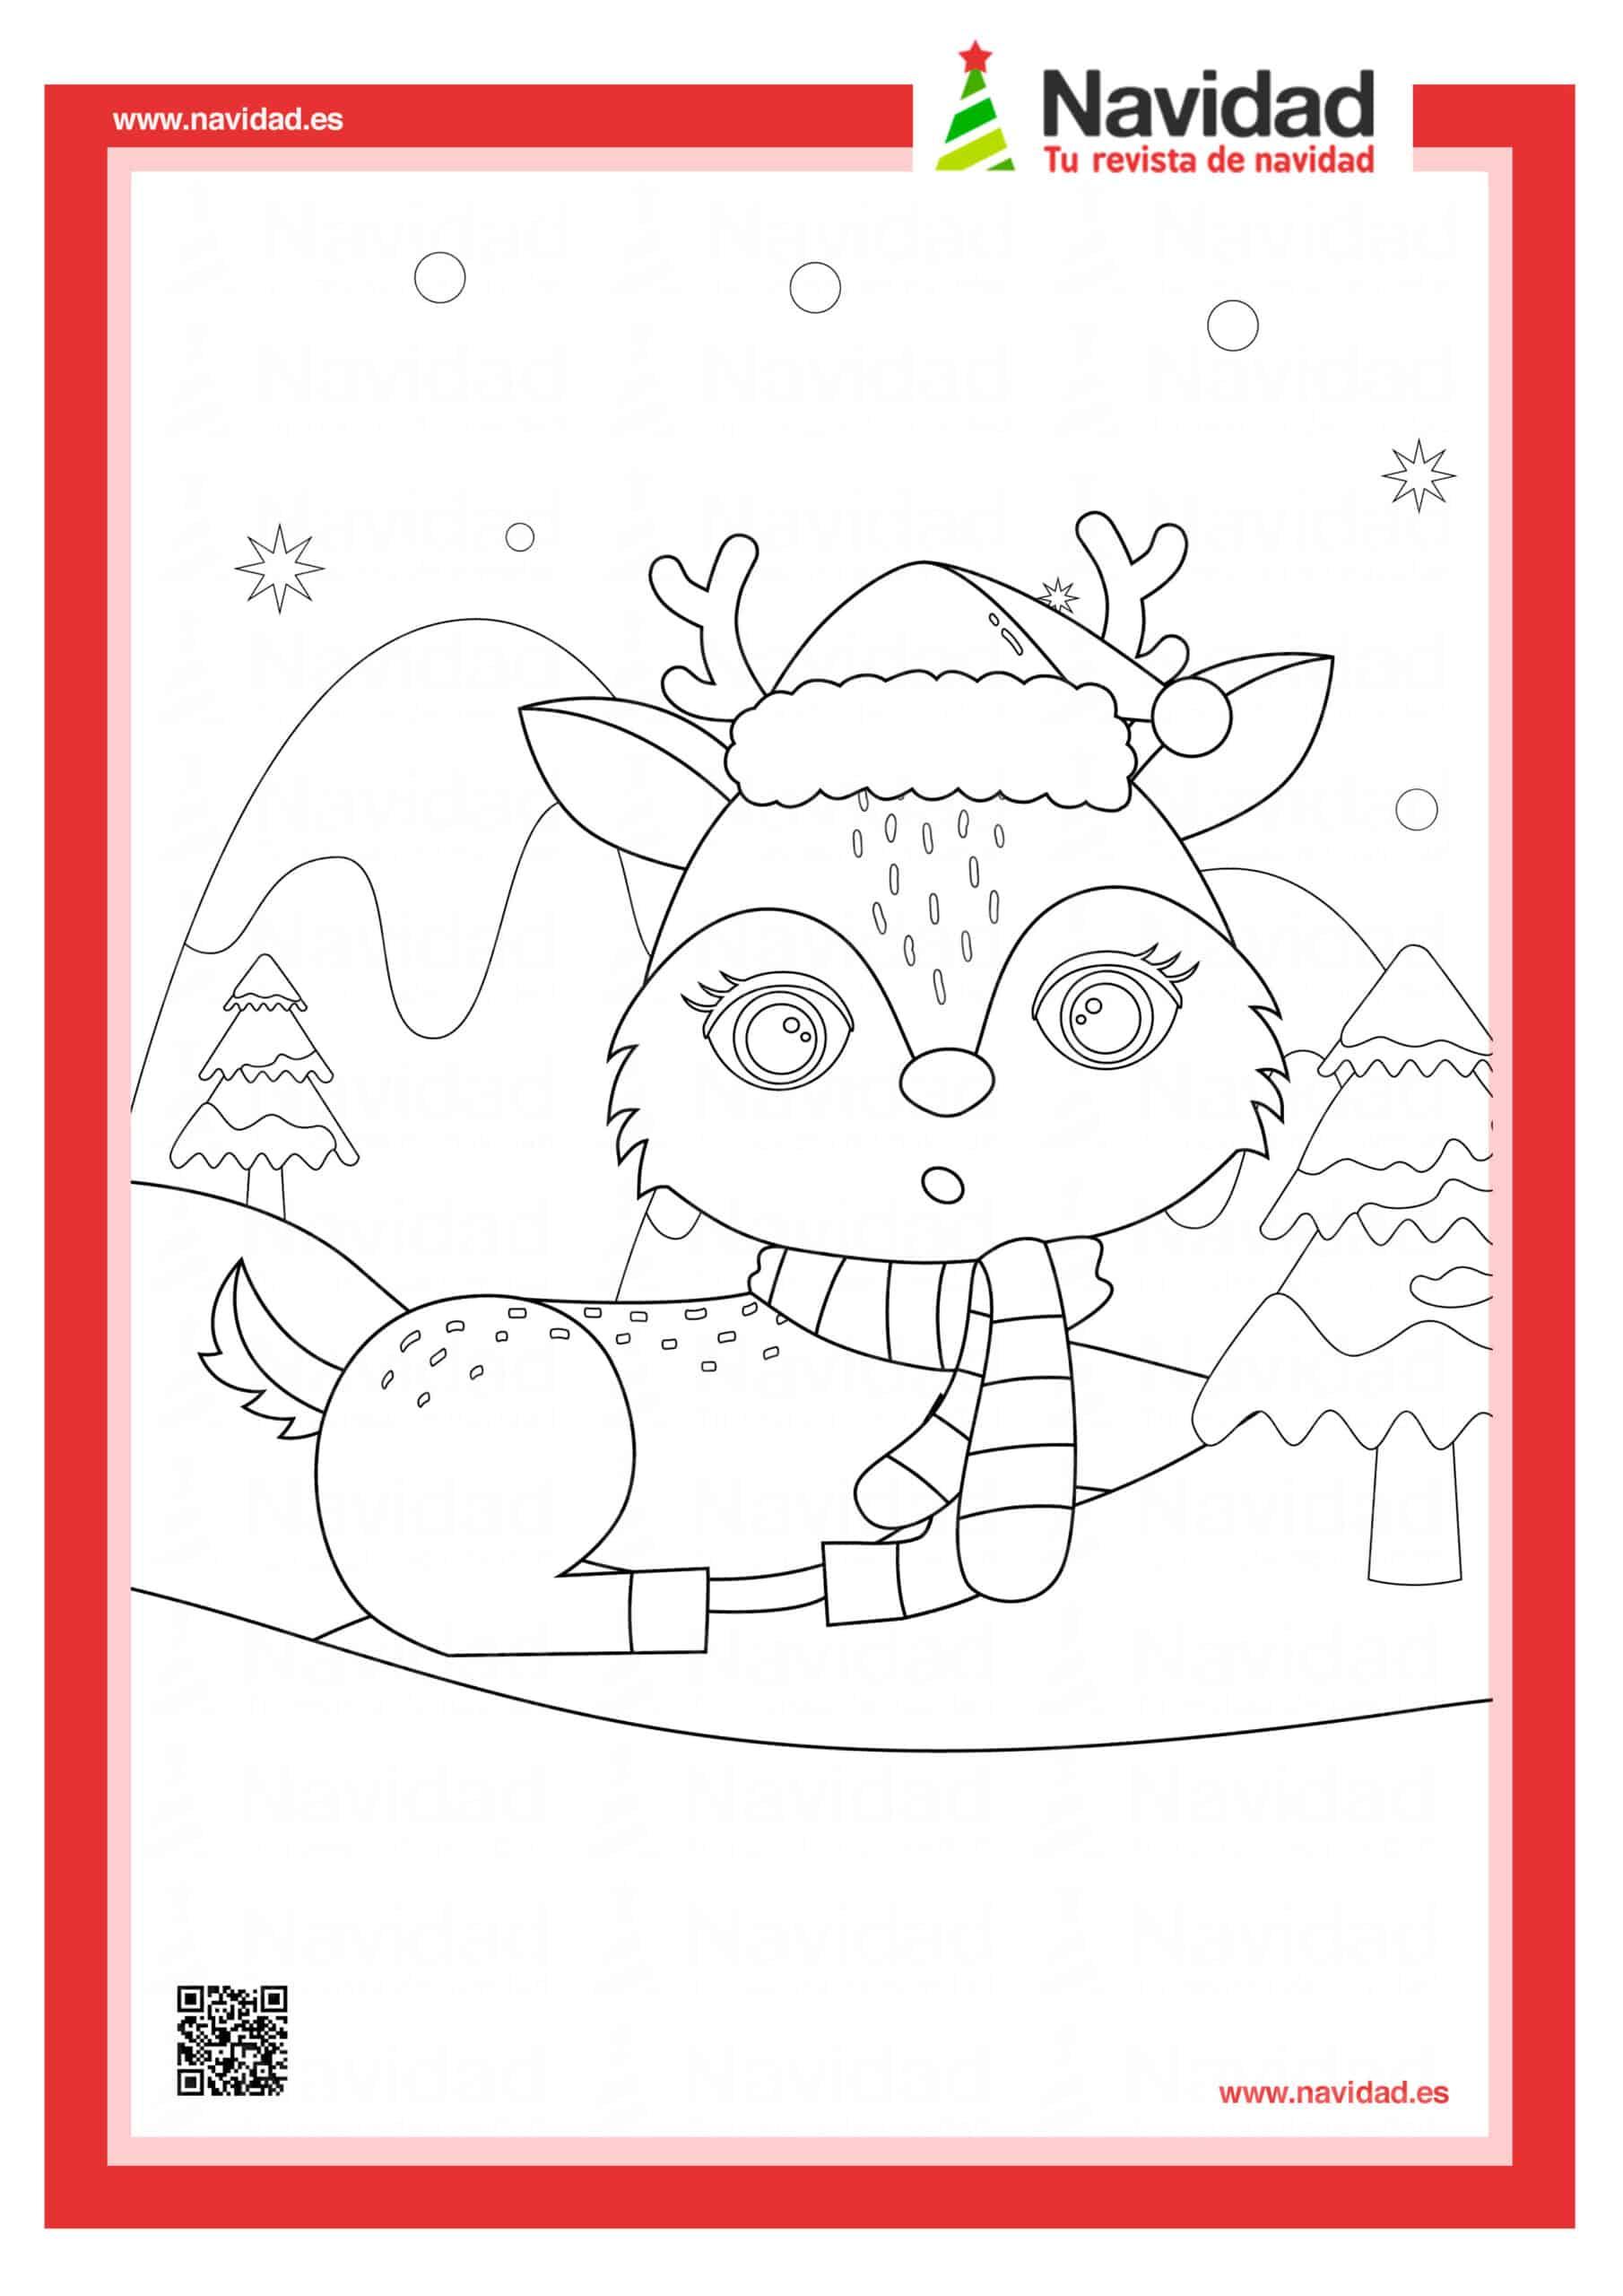 Dibujos navideños para colorear con los hijos esta Navidad 4